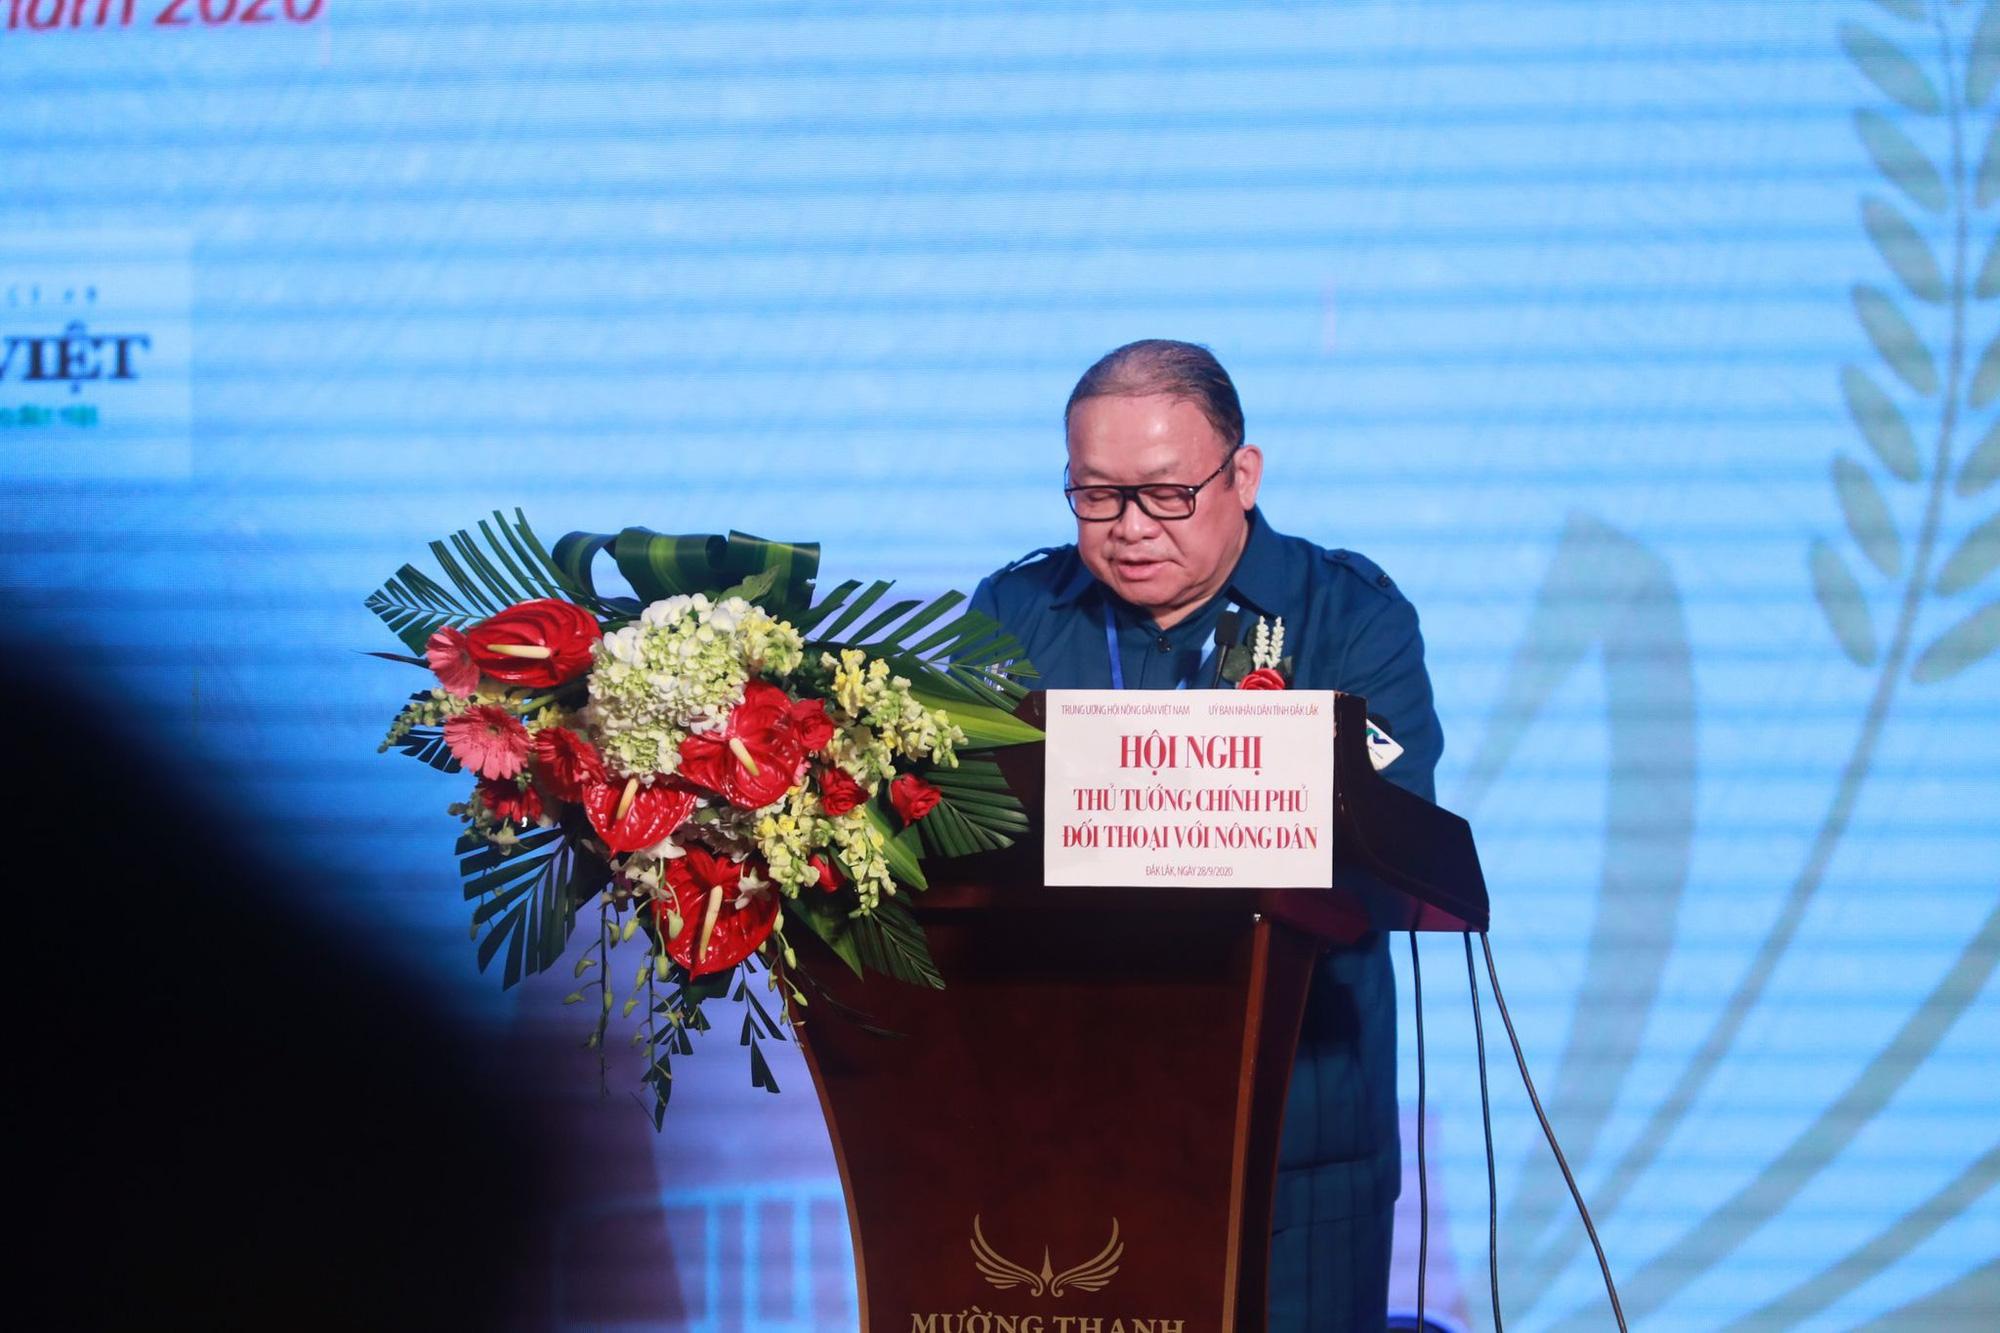 Toàn văn bài phát biểu của Uỷ viên Trung ương Đảng, Chủ tịch BCH TƯ Hội NDVN Thào Xuân Sùng - Ảnh 1.